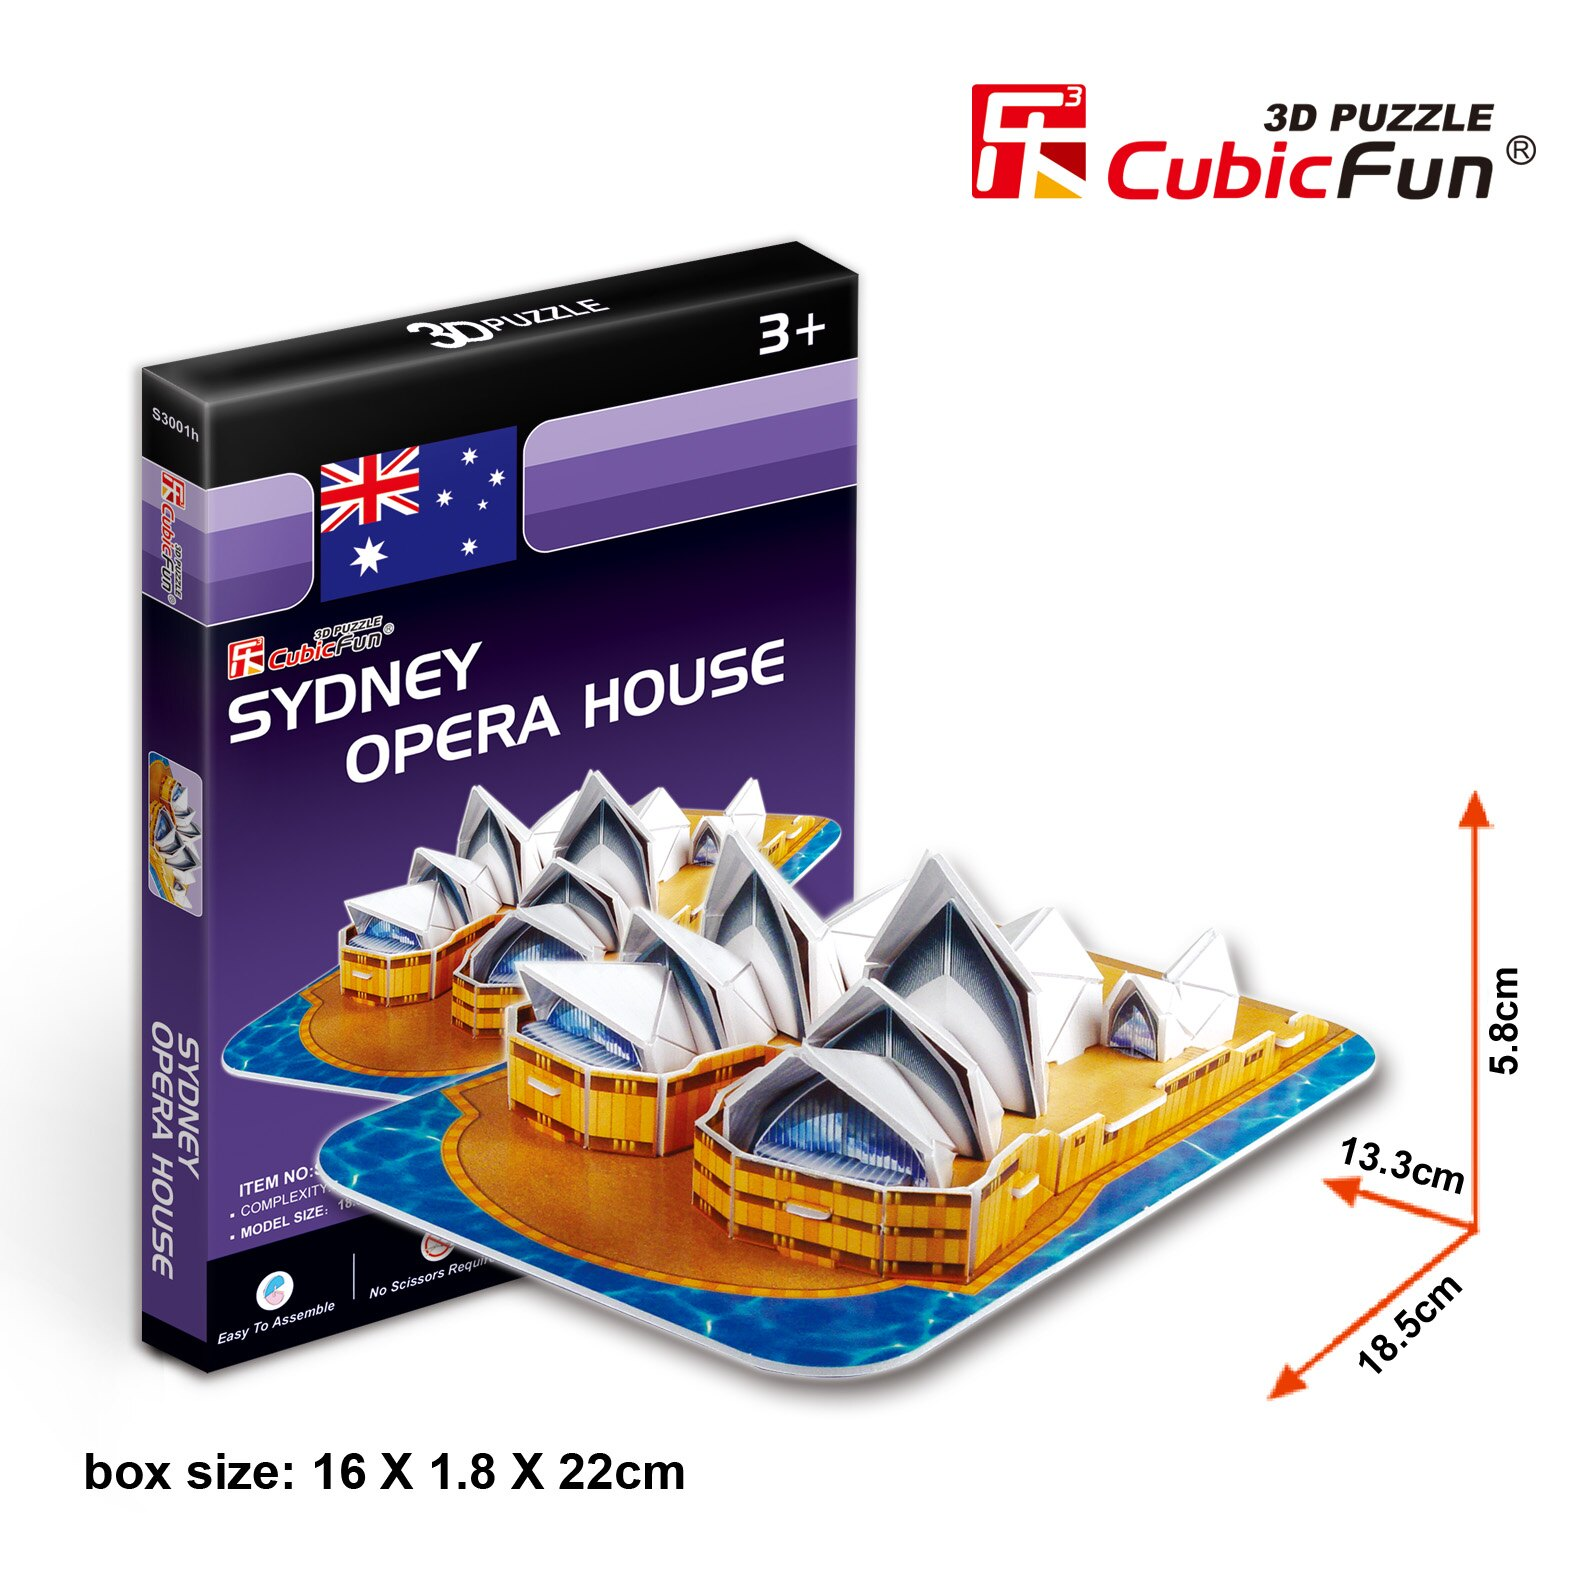 【兒童節禮物】3D Puzzle 立體拼圖 - 世界建築 【澳洲雪梨歌劇院】S3001 學童級 30片